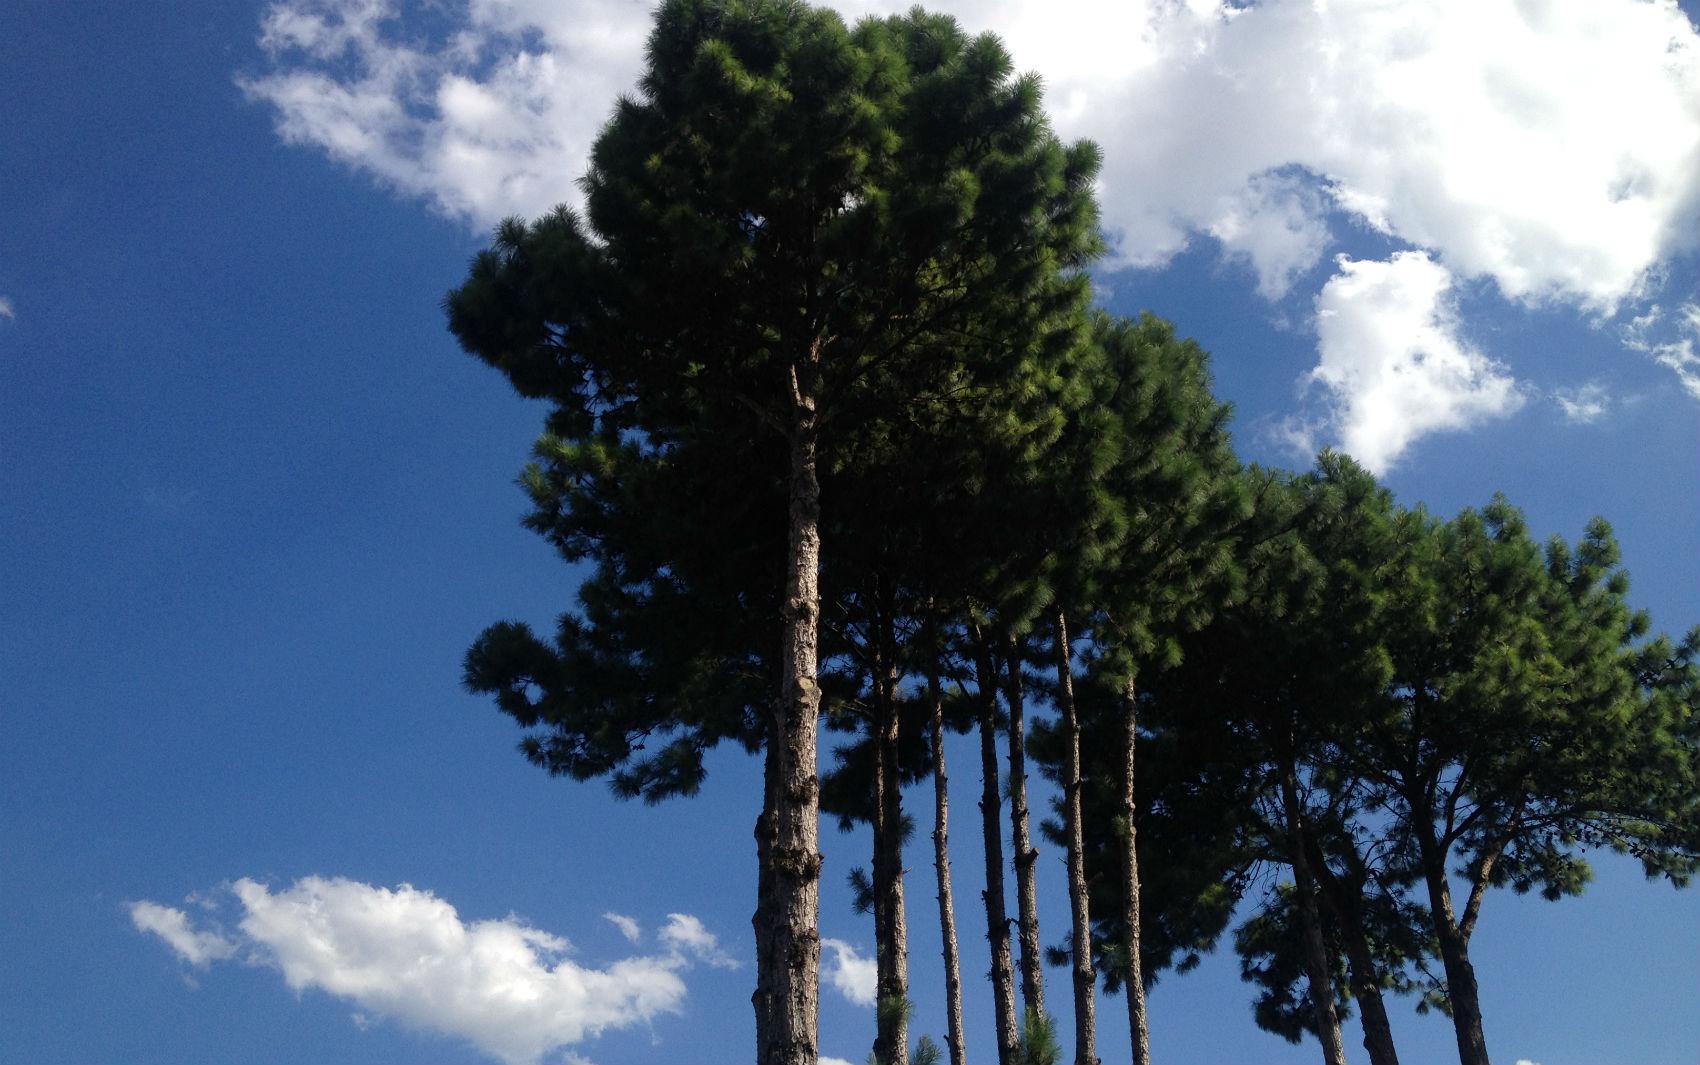 Temperatura chegou aos 35,2°C na tarde desta quinta-feira em Curitiba